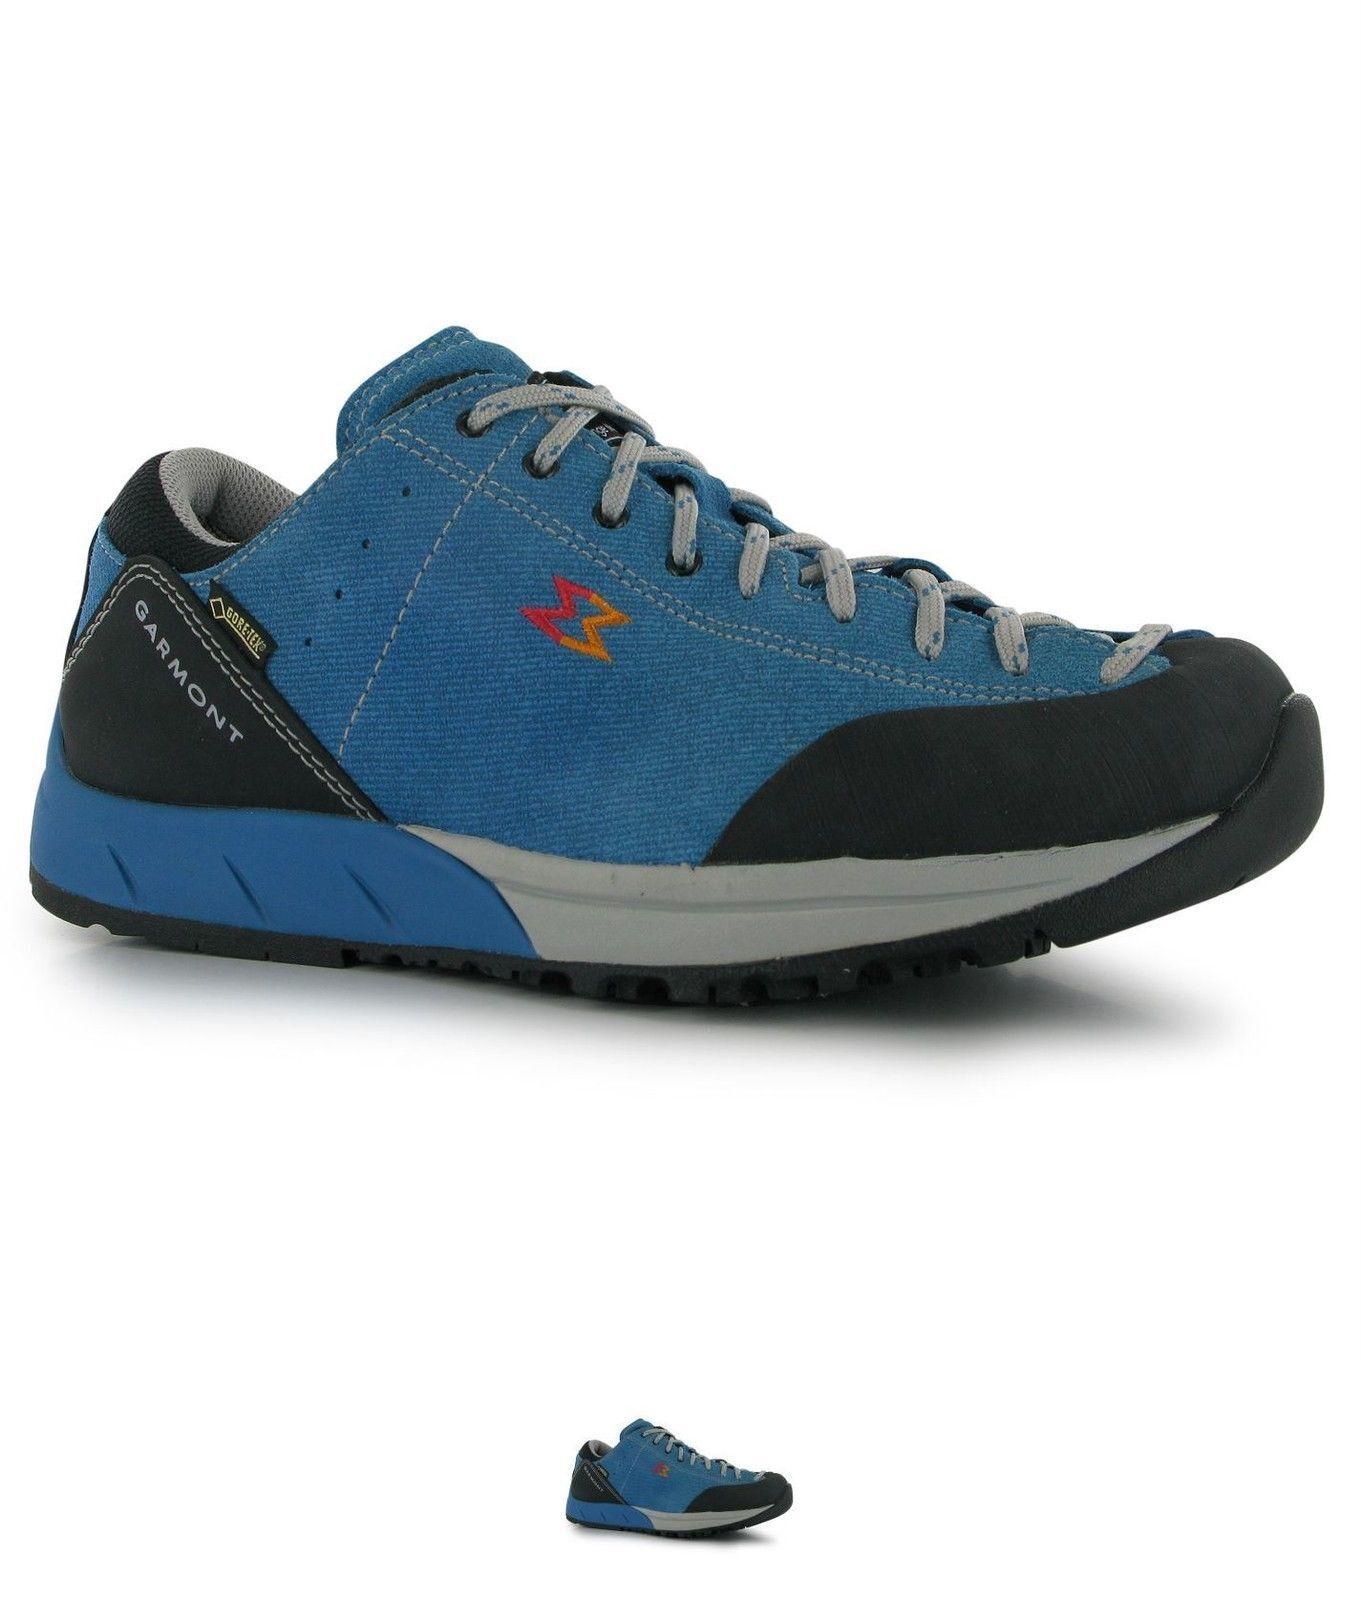 Zapatos botas de Montaña Garmont Sticky GTX Senderismo zapatos Goretex y Vibram